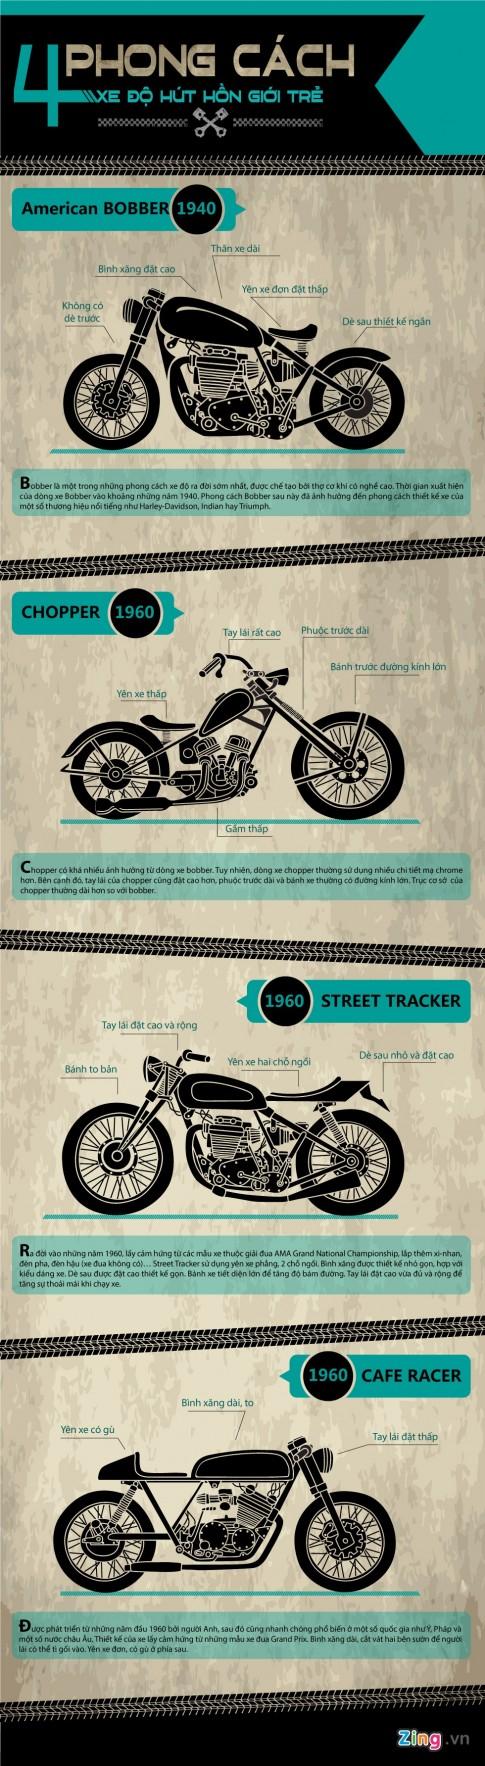 4 phong cách độ xe môtô thu hút giới trẻ hiện nay